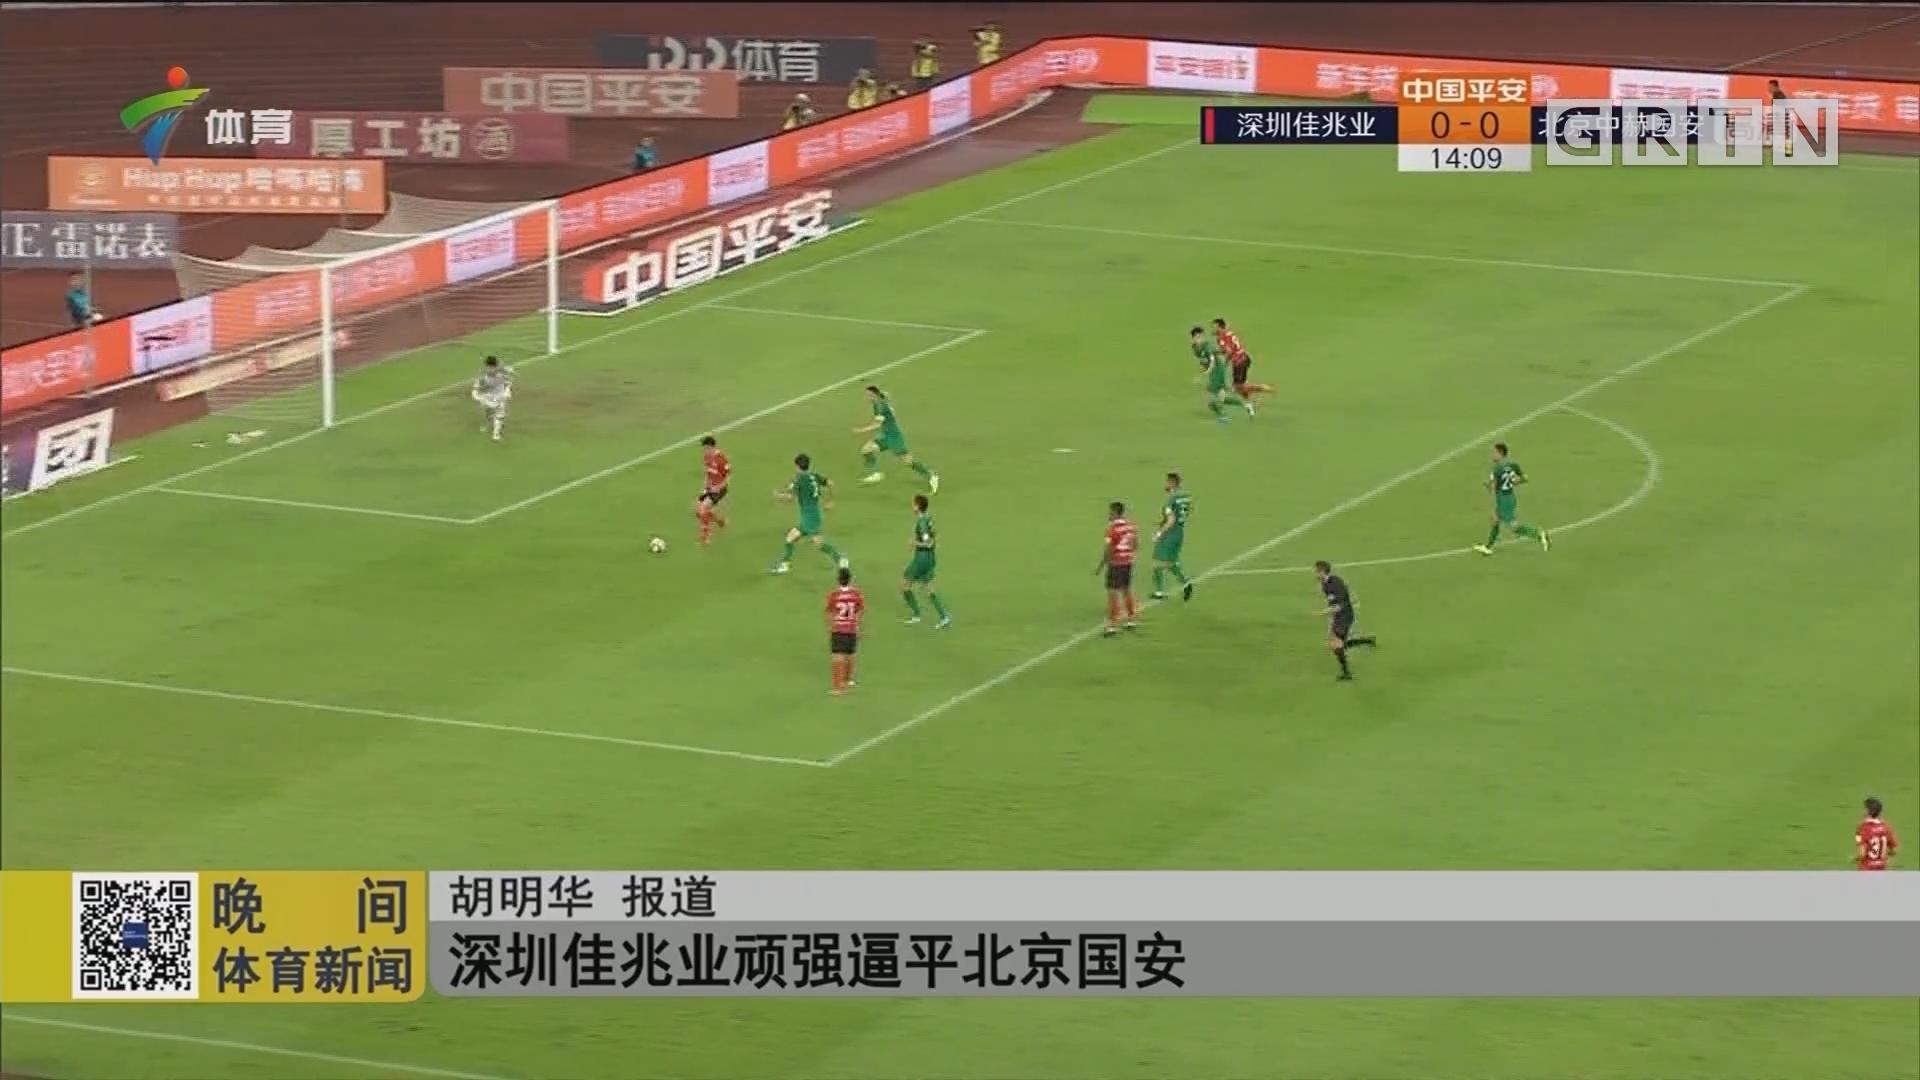 深圳佳兆业顽强逼平北京国安